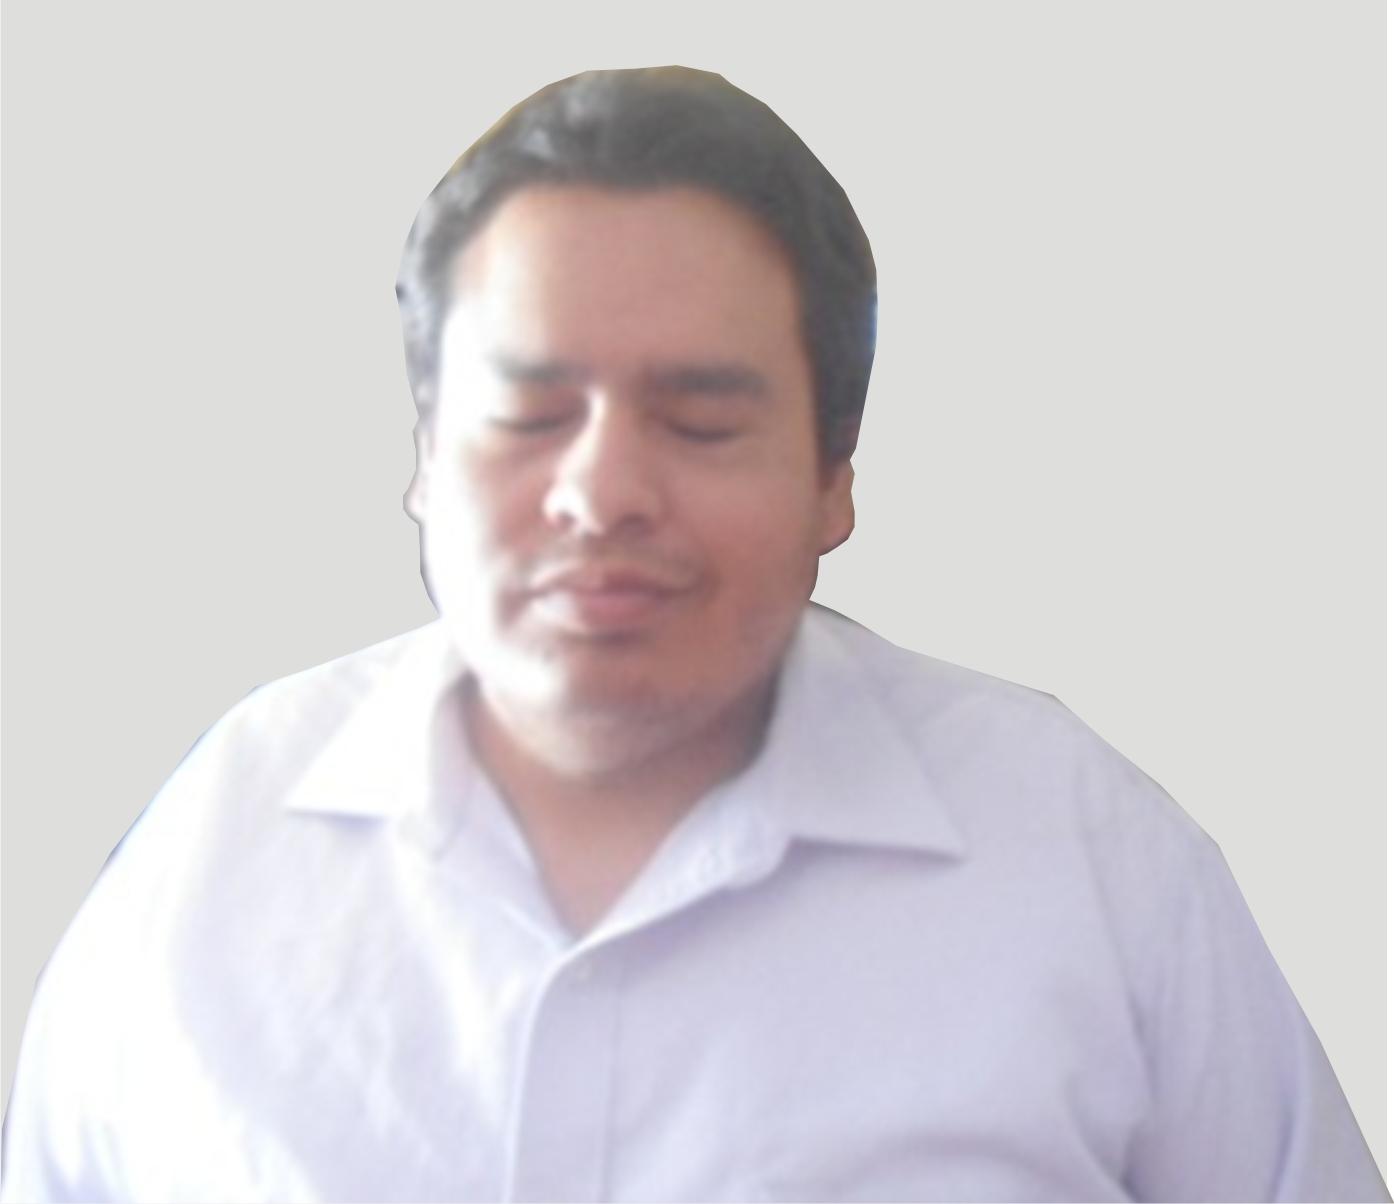 GAVINO ALEJANDRO LIMON SANCHEZ